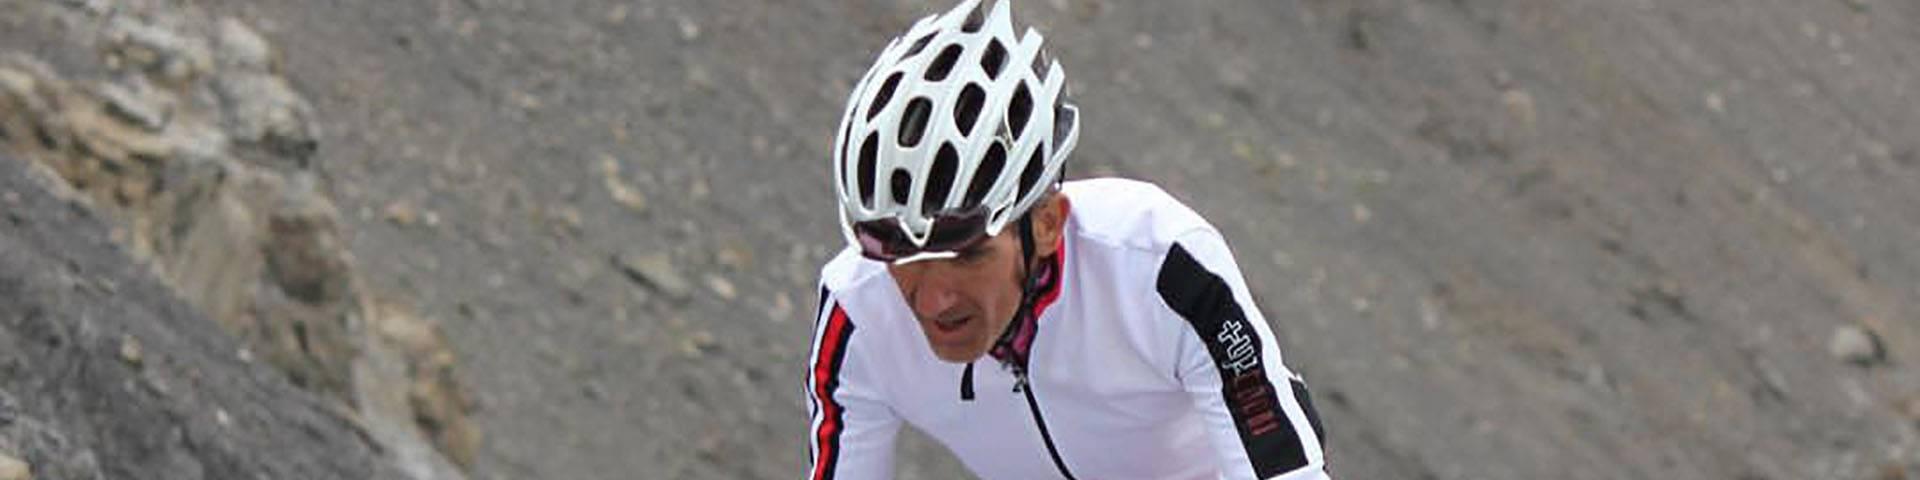 Confrérie des 7 majeurs david Fournel Vélo